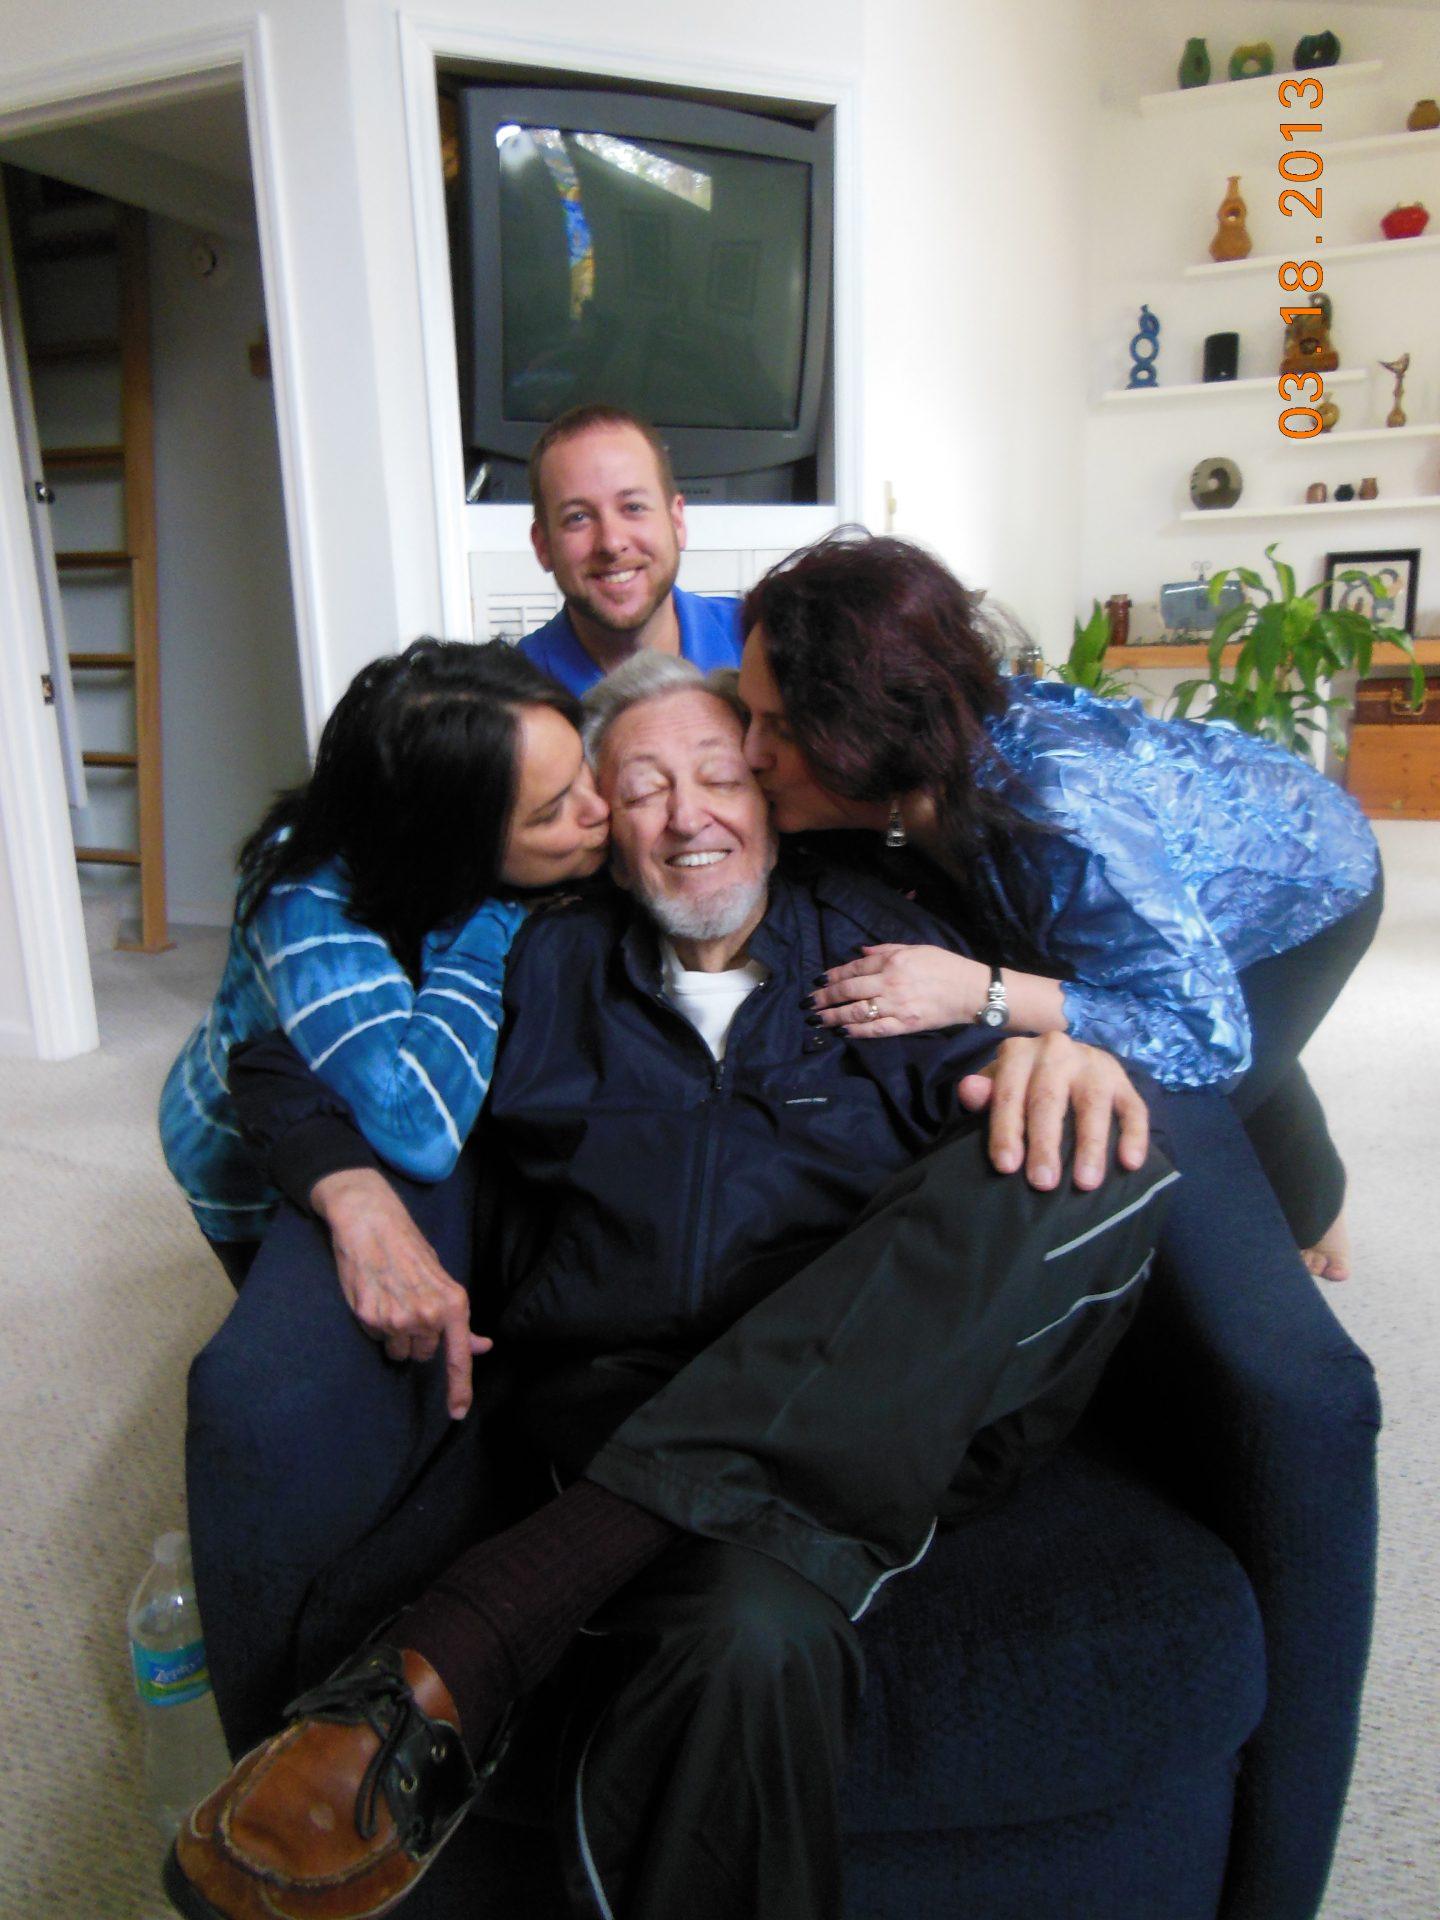 Bonnie and Robin kissing Dad. Josh behind dad. March 2013